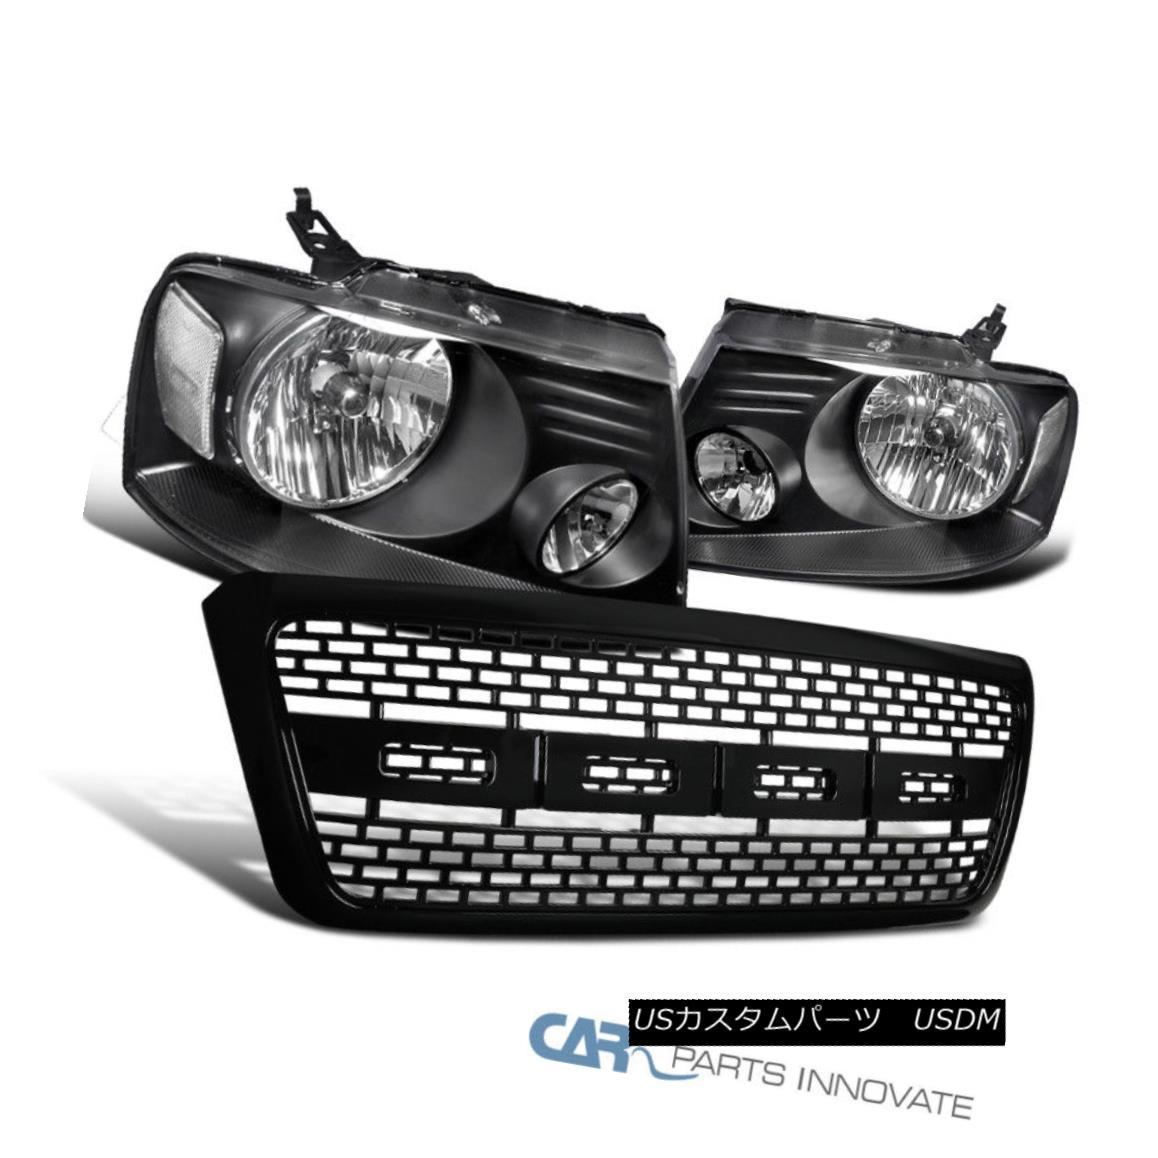 グリル 04-08 Ford F150 F-150 Black Headlights Headlamps w/ Raptor Style ABS Hood Grille 04-08 Ford F150 F-150ブラックヘッドライトヘッドライト(ラプトルスタイル)ABSフードグリル